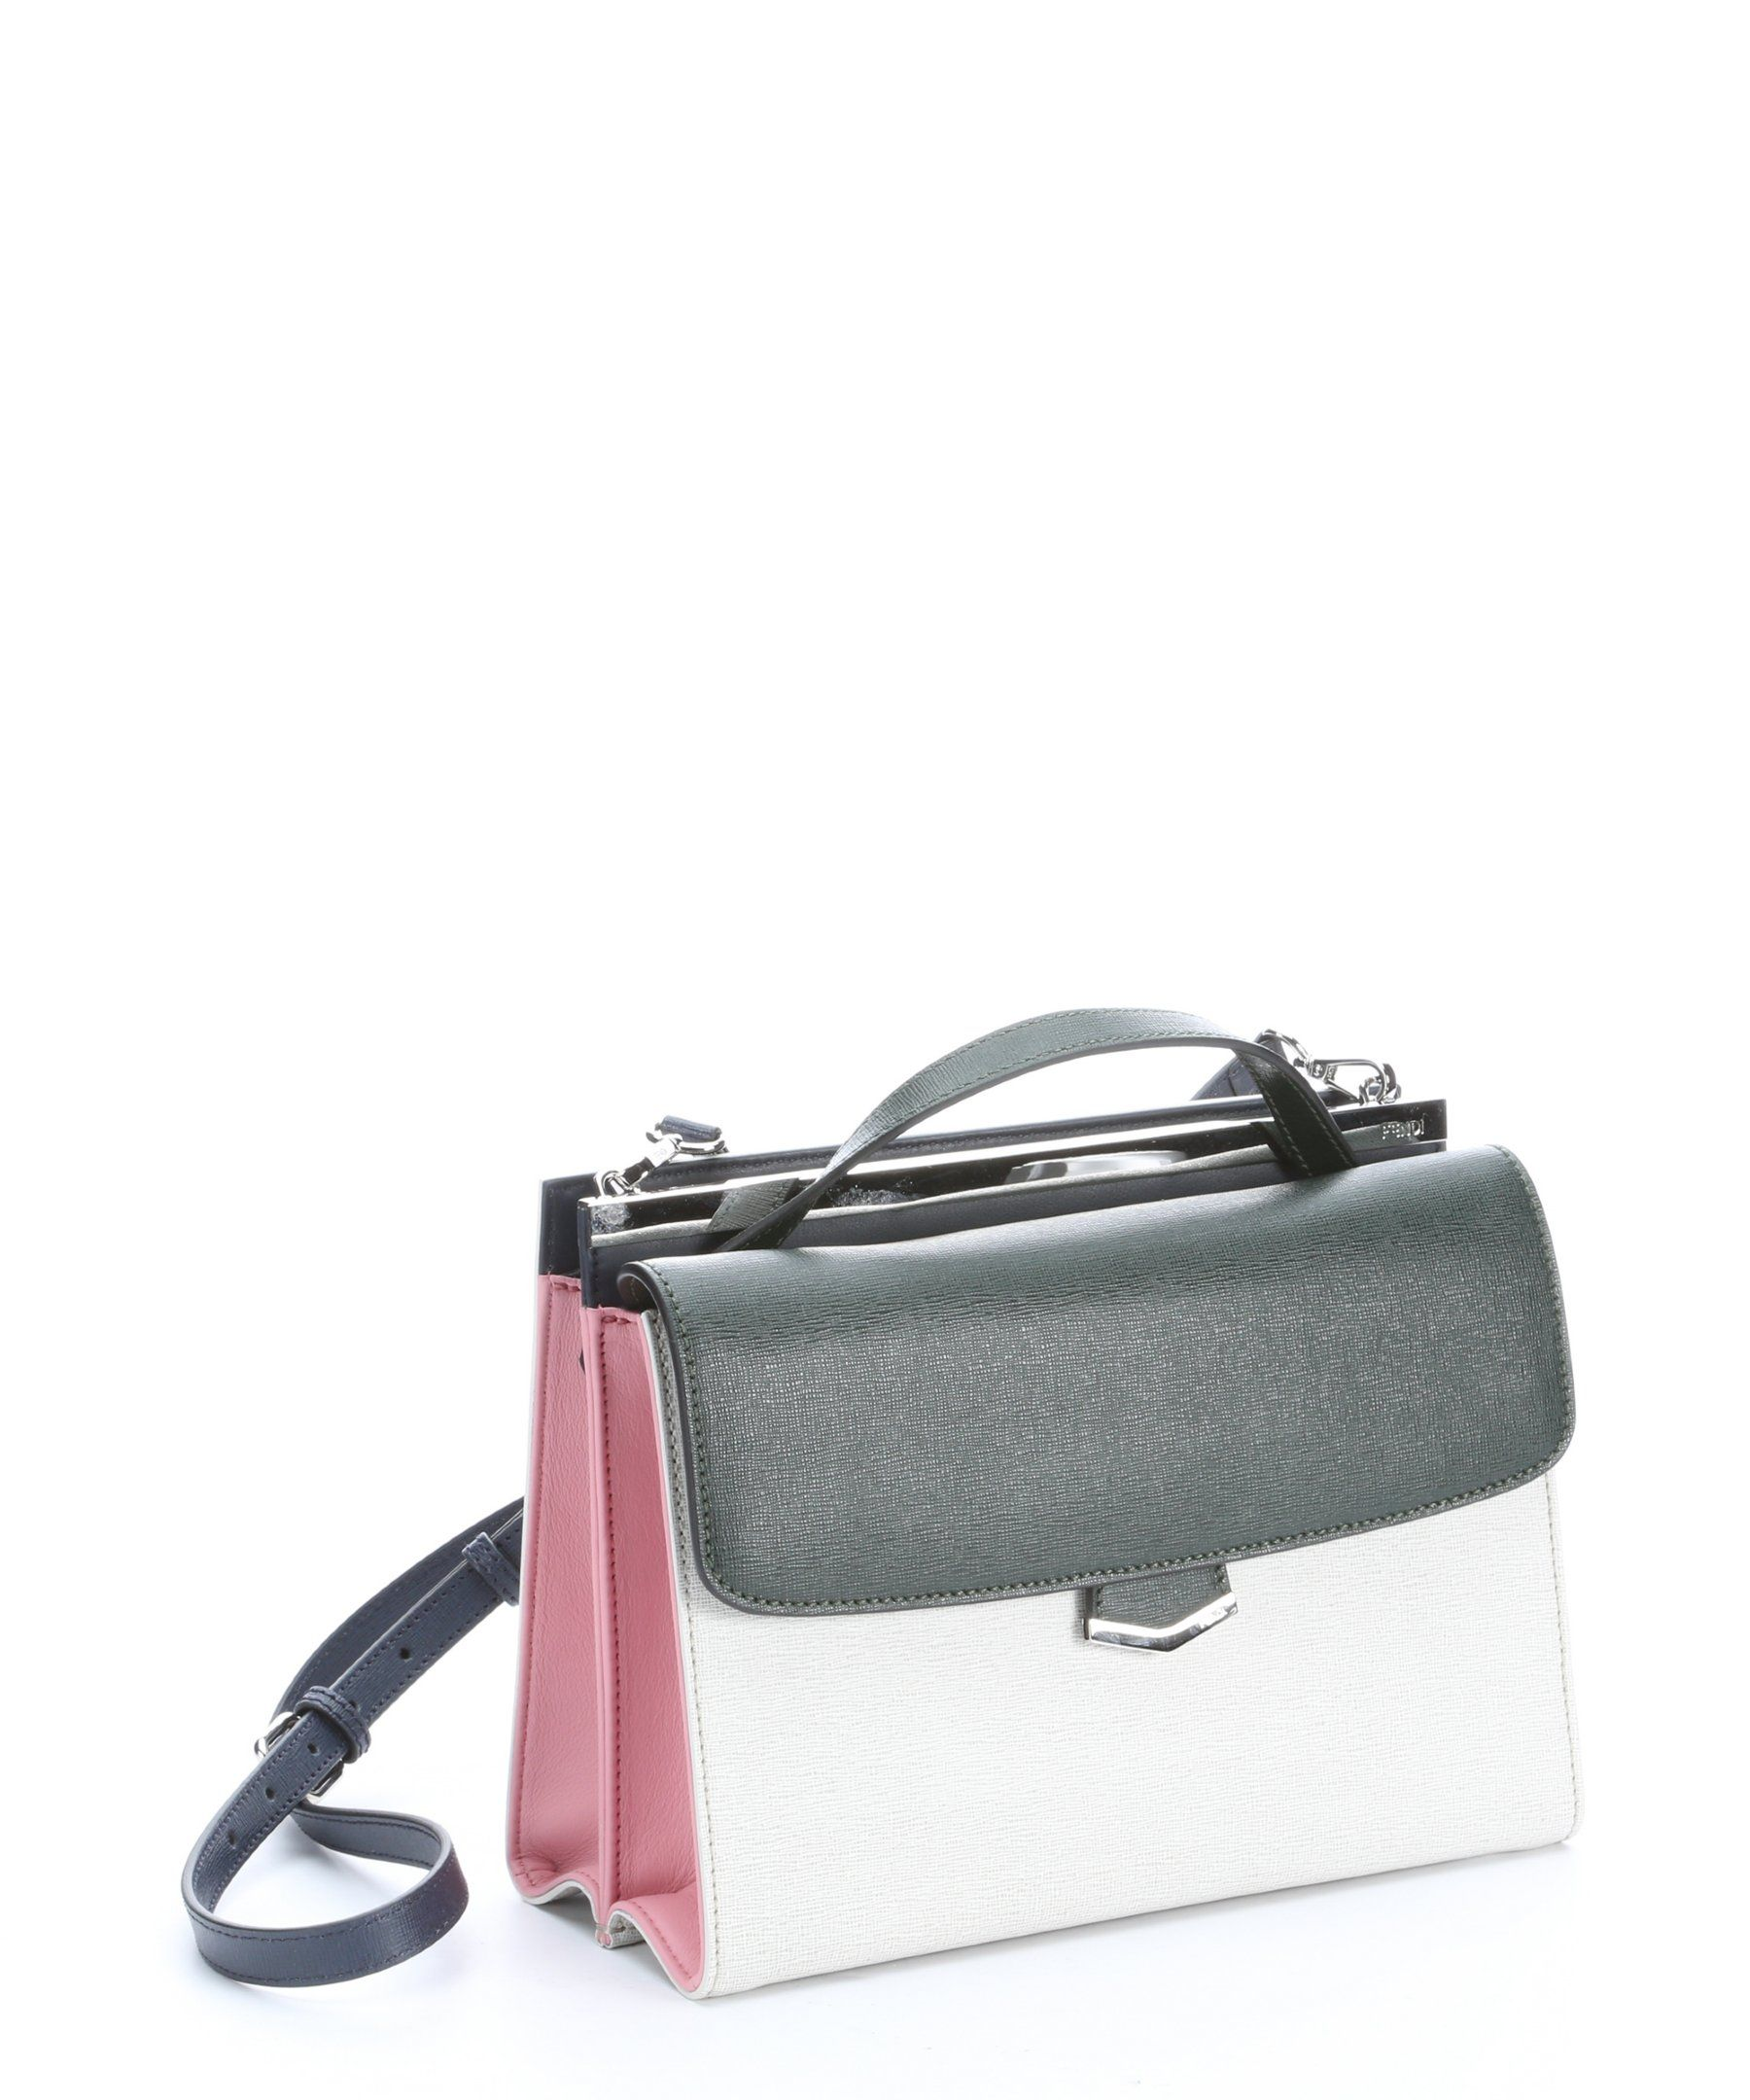 738db2d634 Fendi green, white, and red leather 'Demi Jour' split shoulder bag |  BLUEFLY up to 70% off designer brands